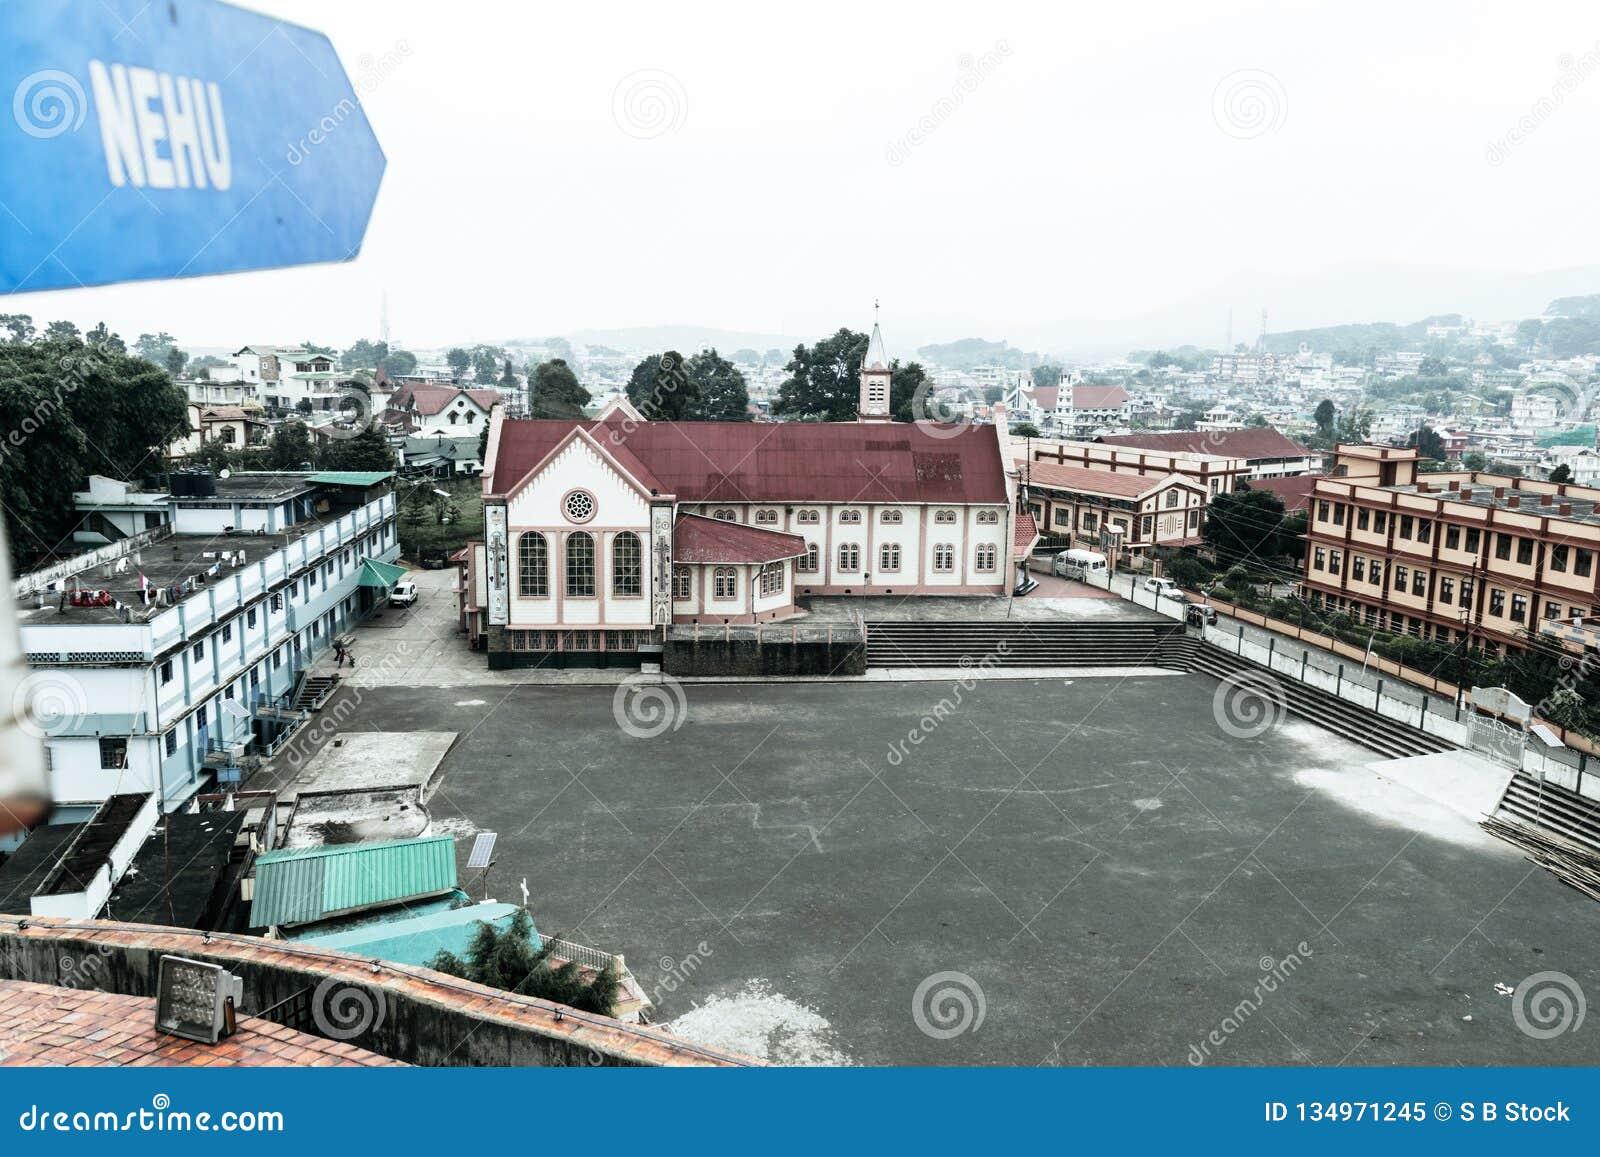 Η άποψη του σταδίου Shillong Jawaharlal Nehru, είναι ένα γήπεδο ποδοσφαίρου σε Shillong, Meghalaya, Ινδία κυρίως για το ποδόσφαιρ